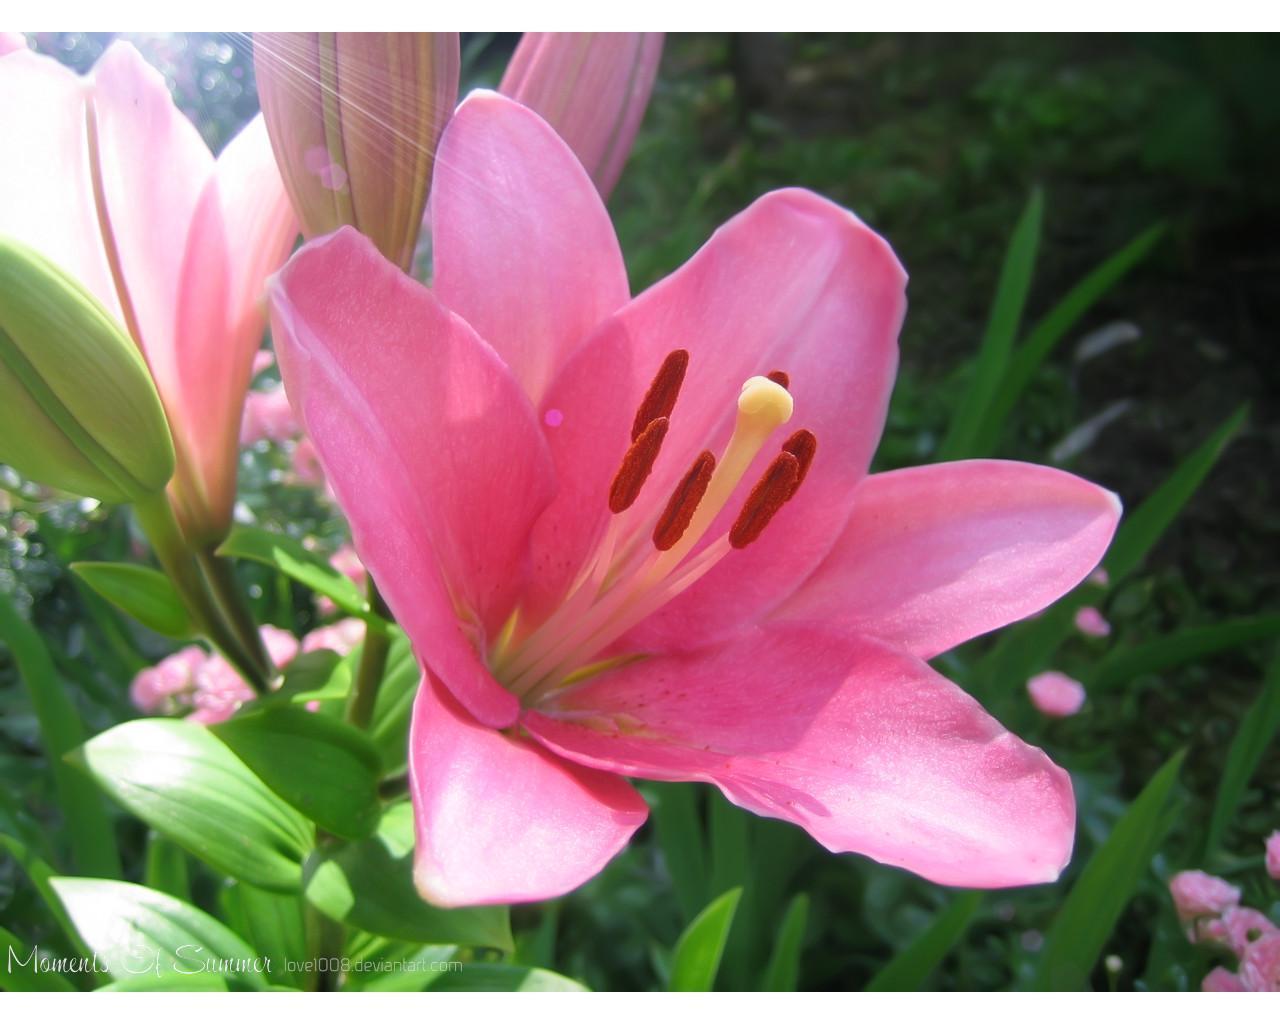 عکس هایی از گل های زیبا و رمانتیک